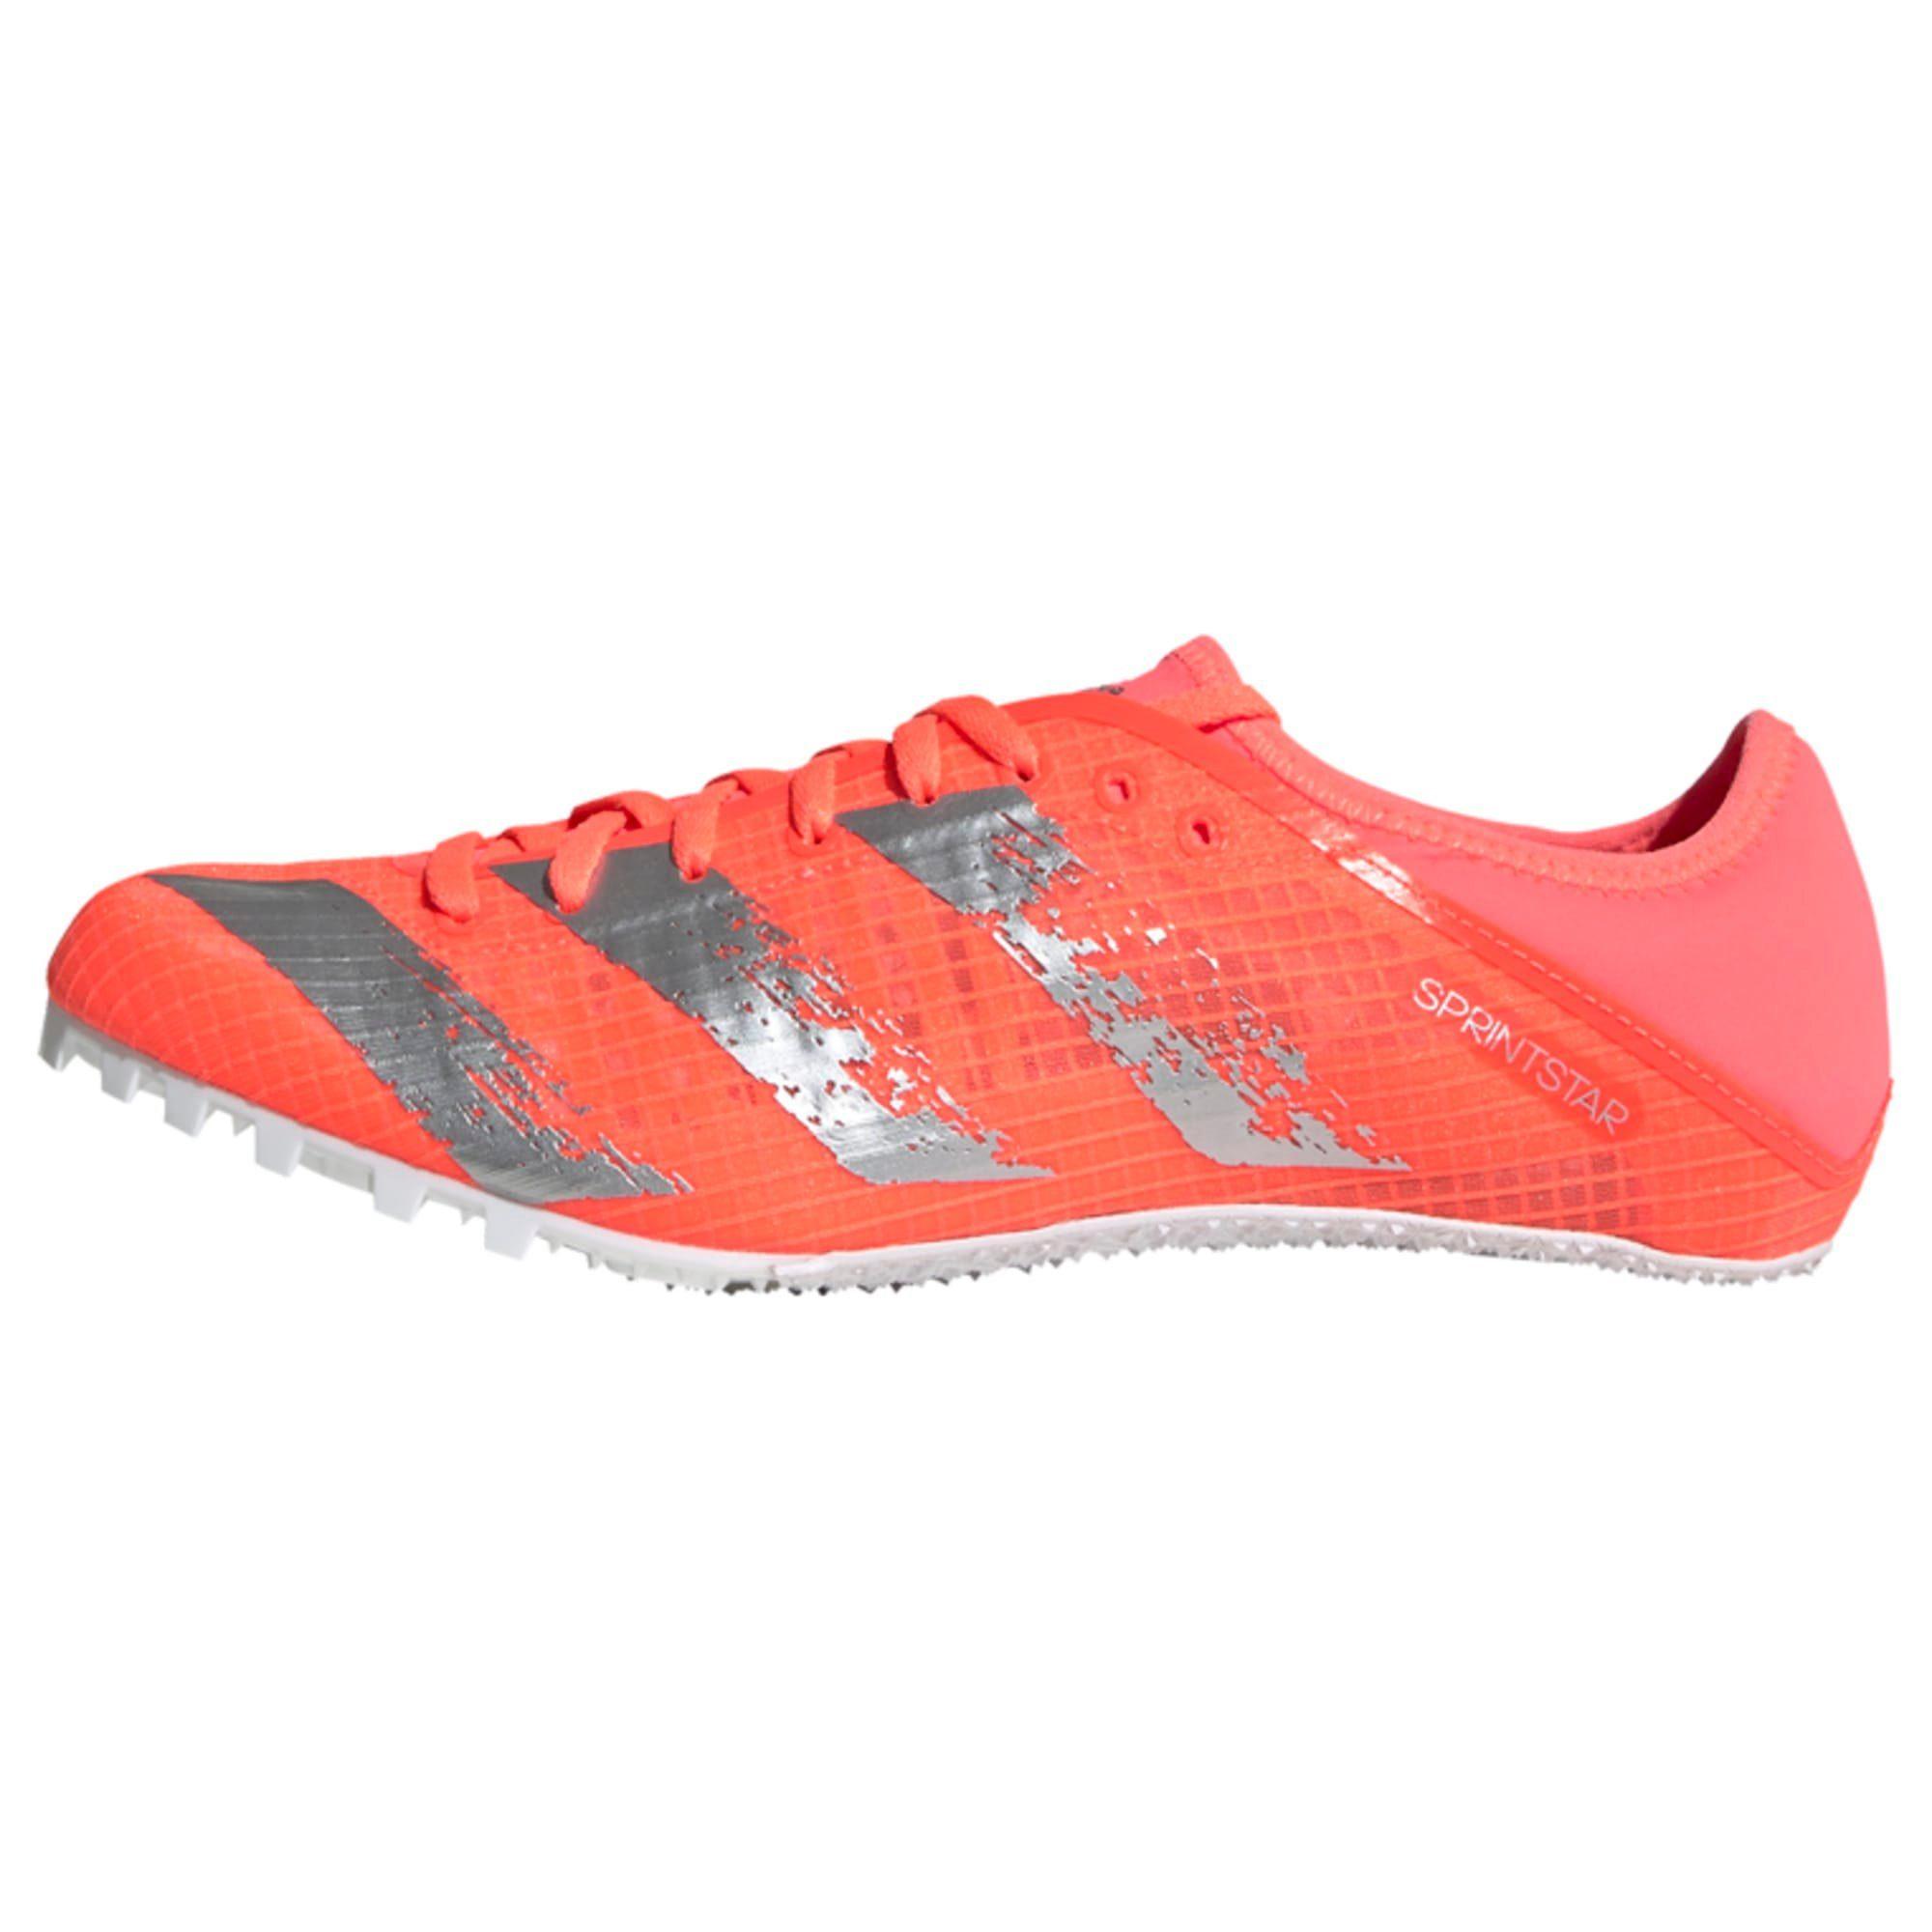 adidas Performance »Sprintstar Spike Schuh« Laufschuh RUNNING ADIDAS online kaufen | OTTO